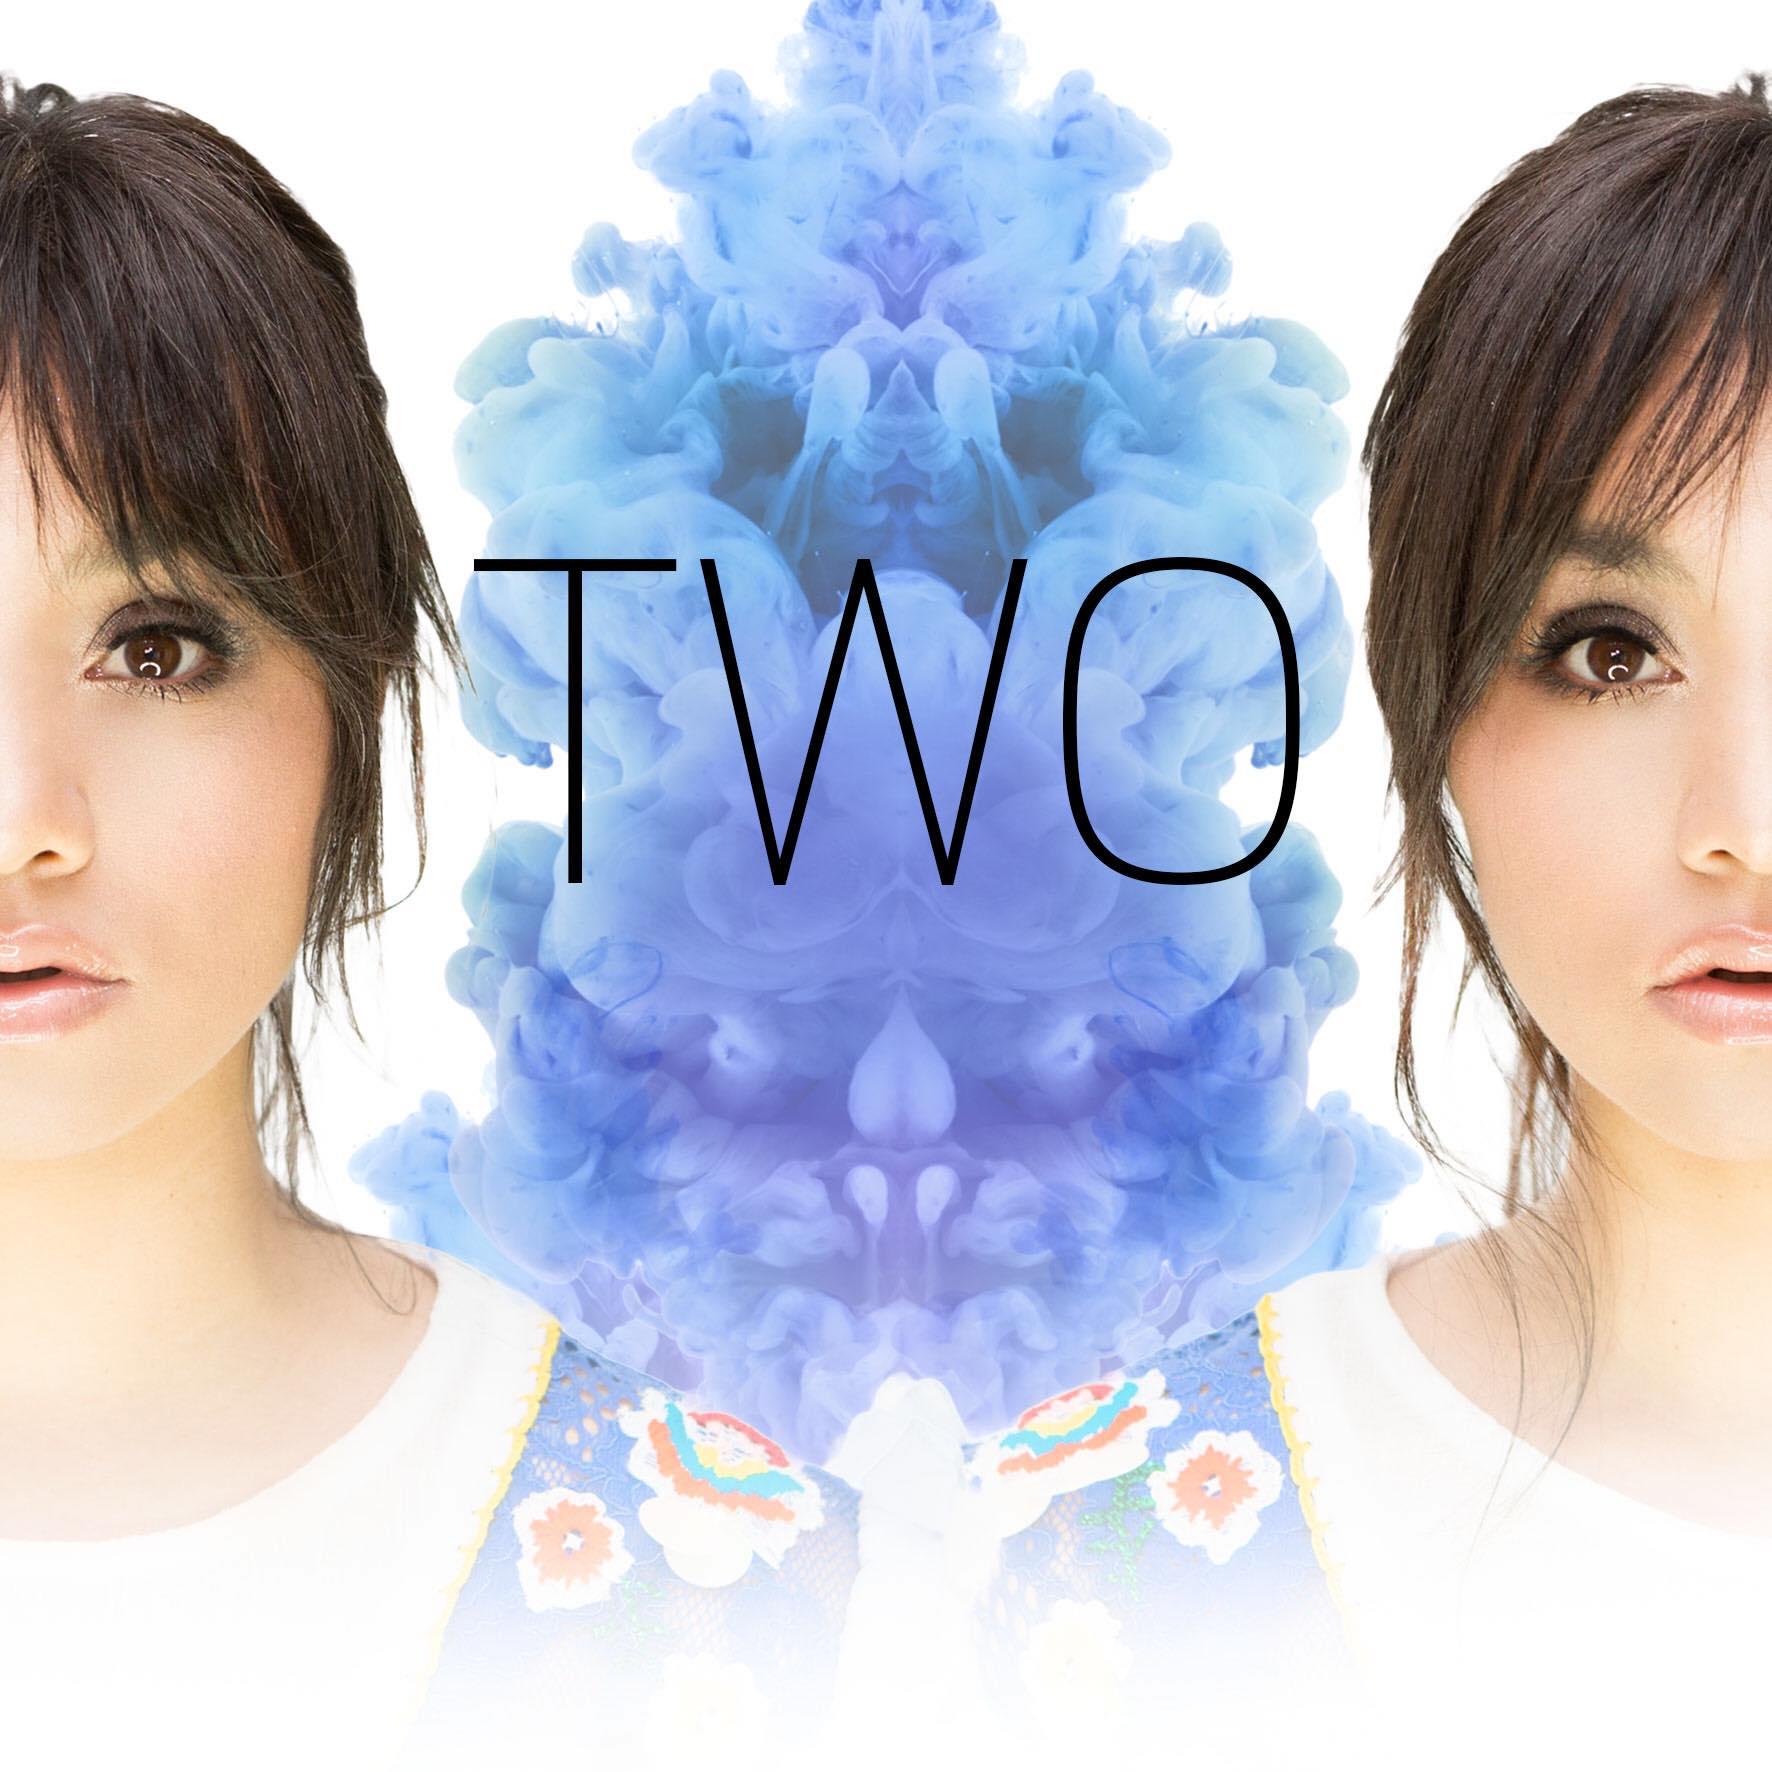 aylin-singer-two